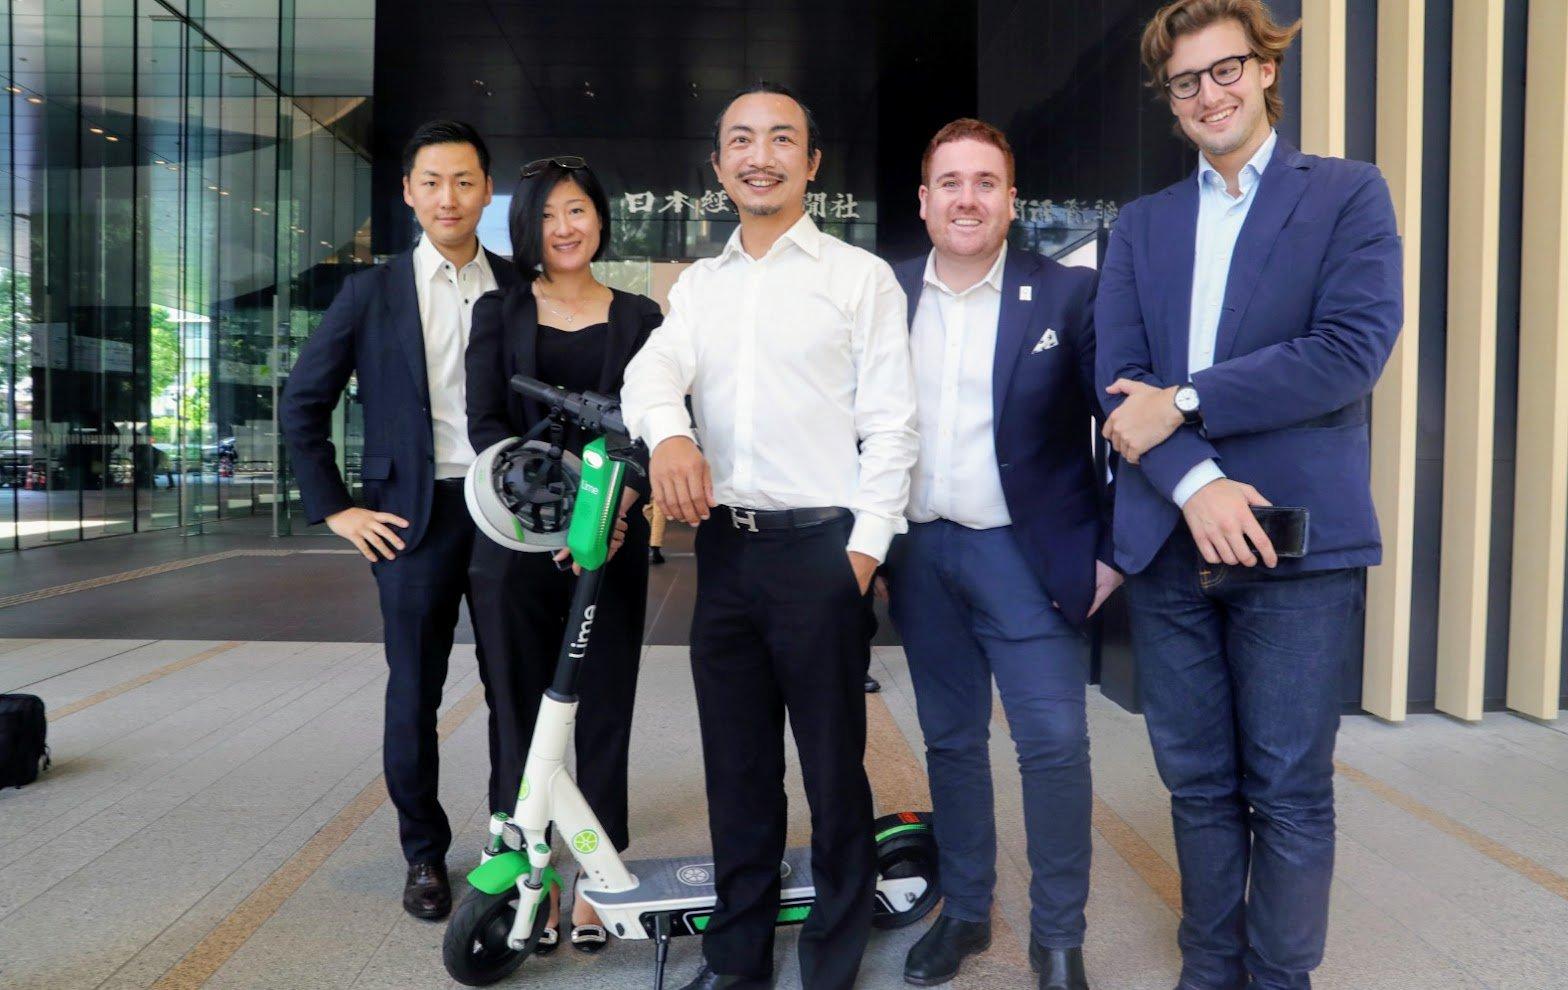 La chaux fera sa première balade en E-scooter au Japon dans le cadre du projet Fukuoka Smart EAST